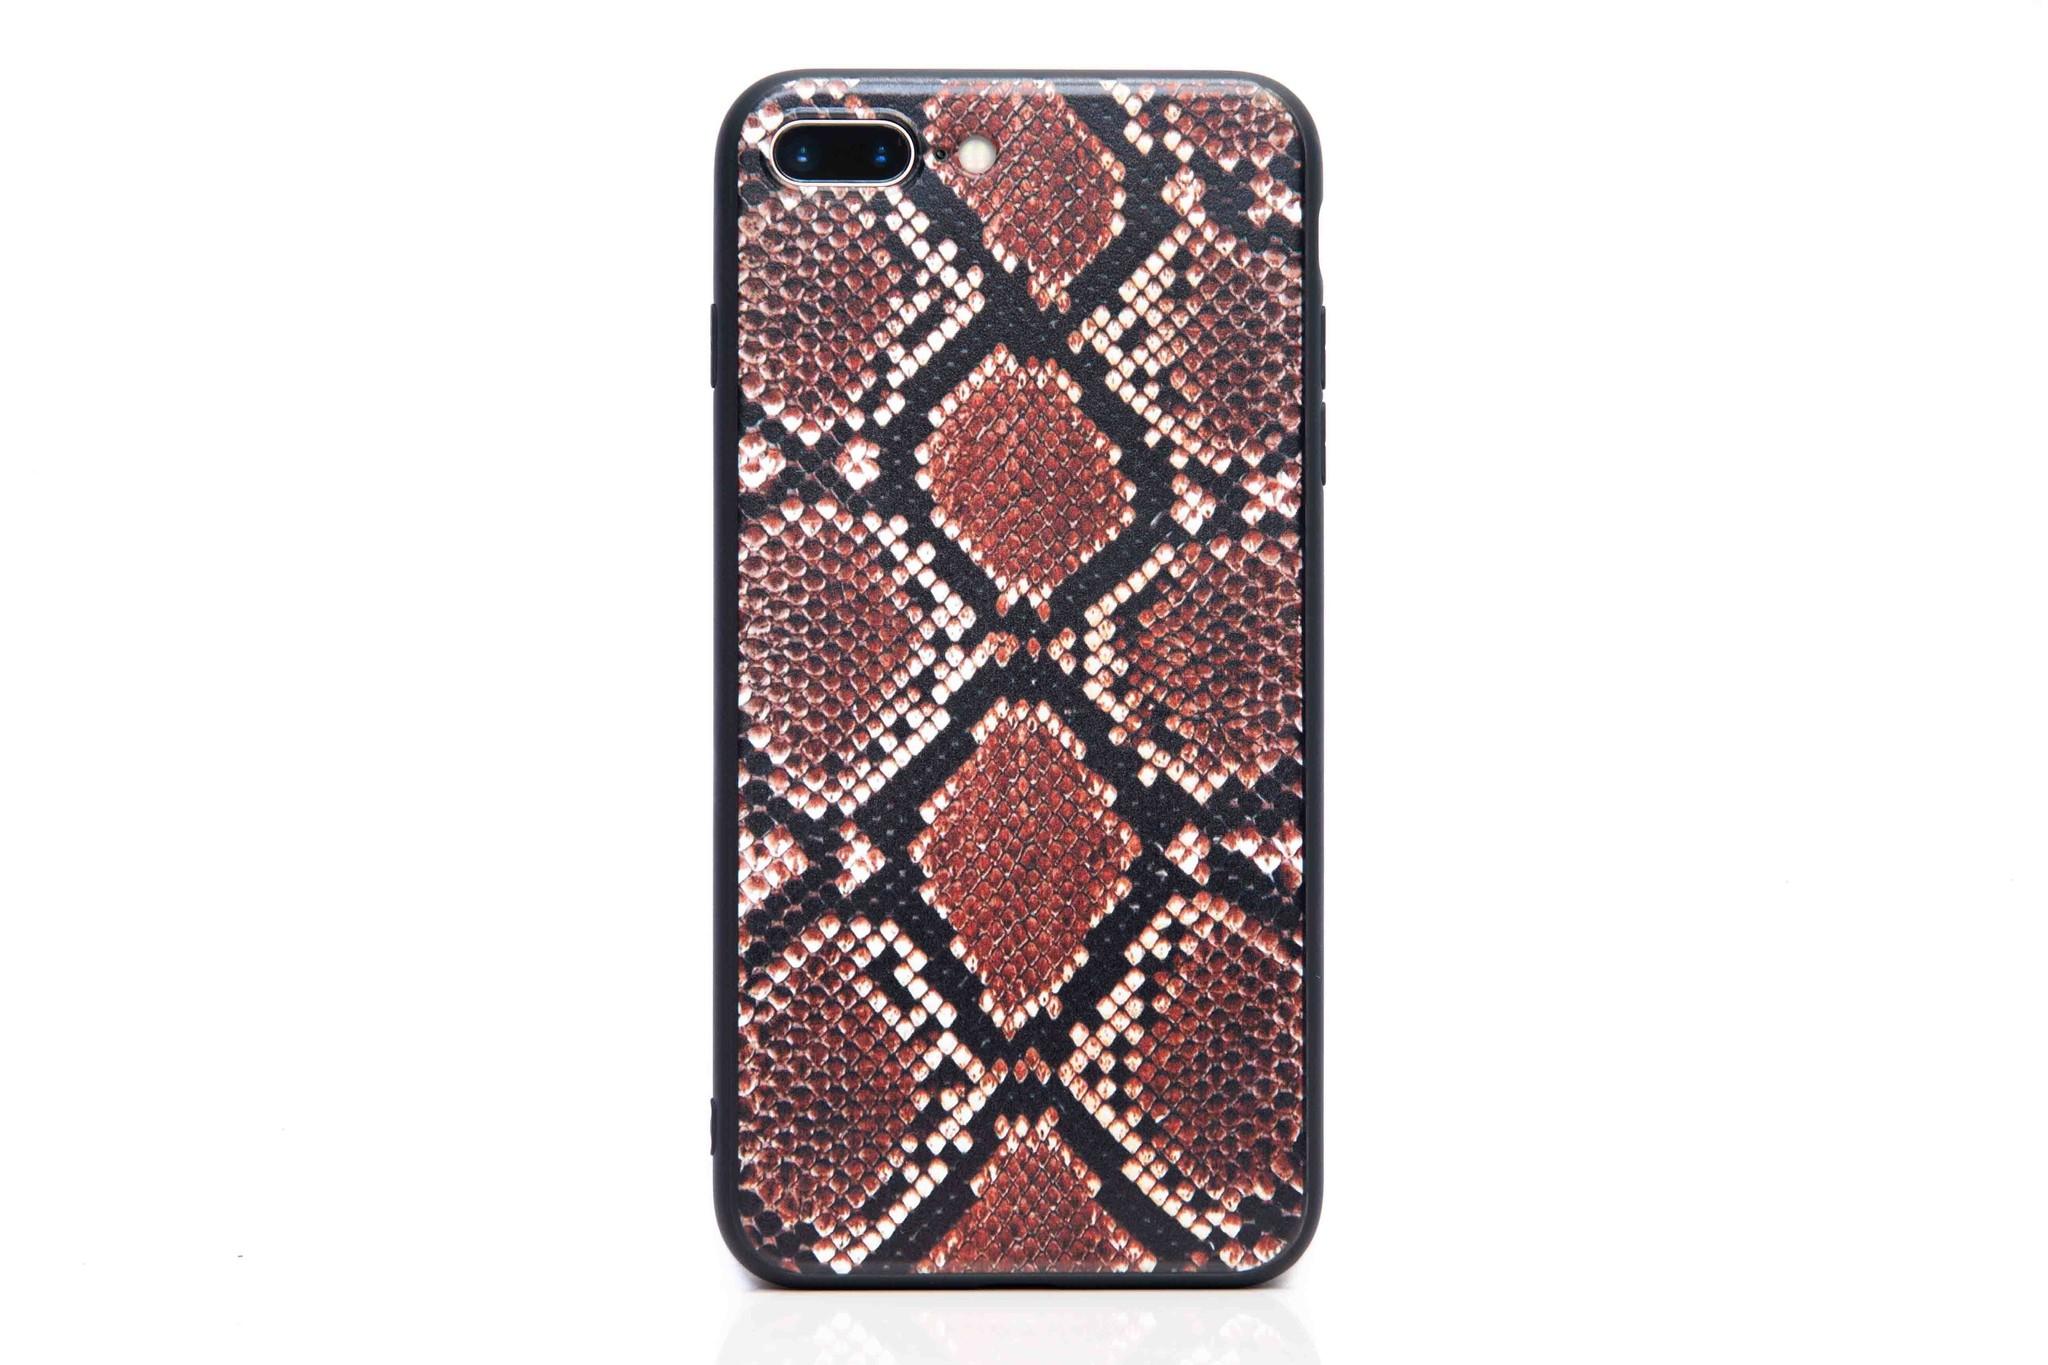 Smartphonehoesje iPhone 7 plus / 8 plus   Dierenprint slangen   Zwart / bruin